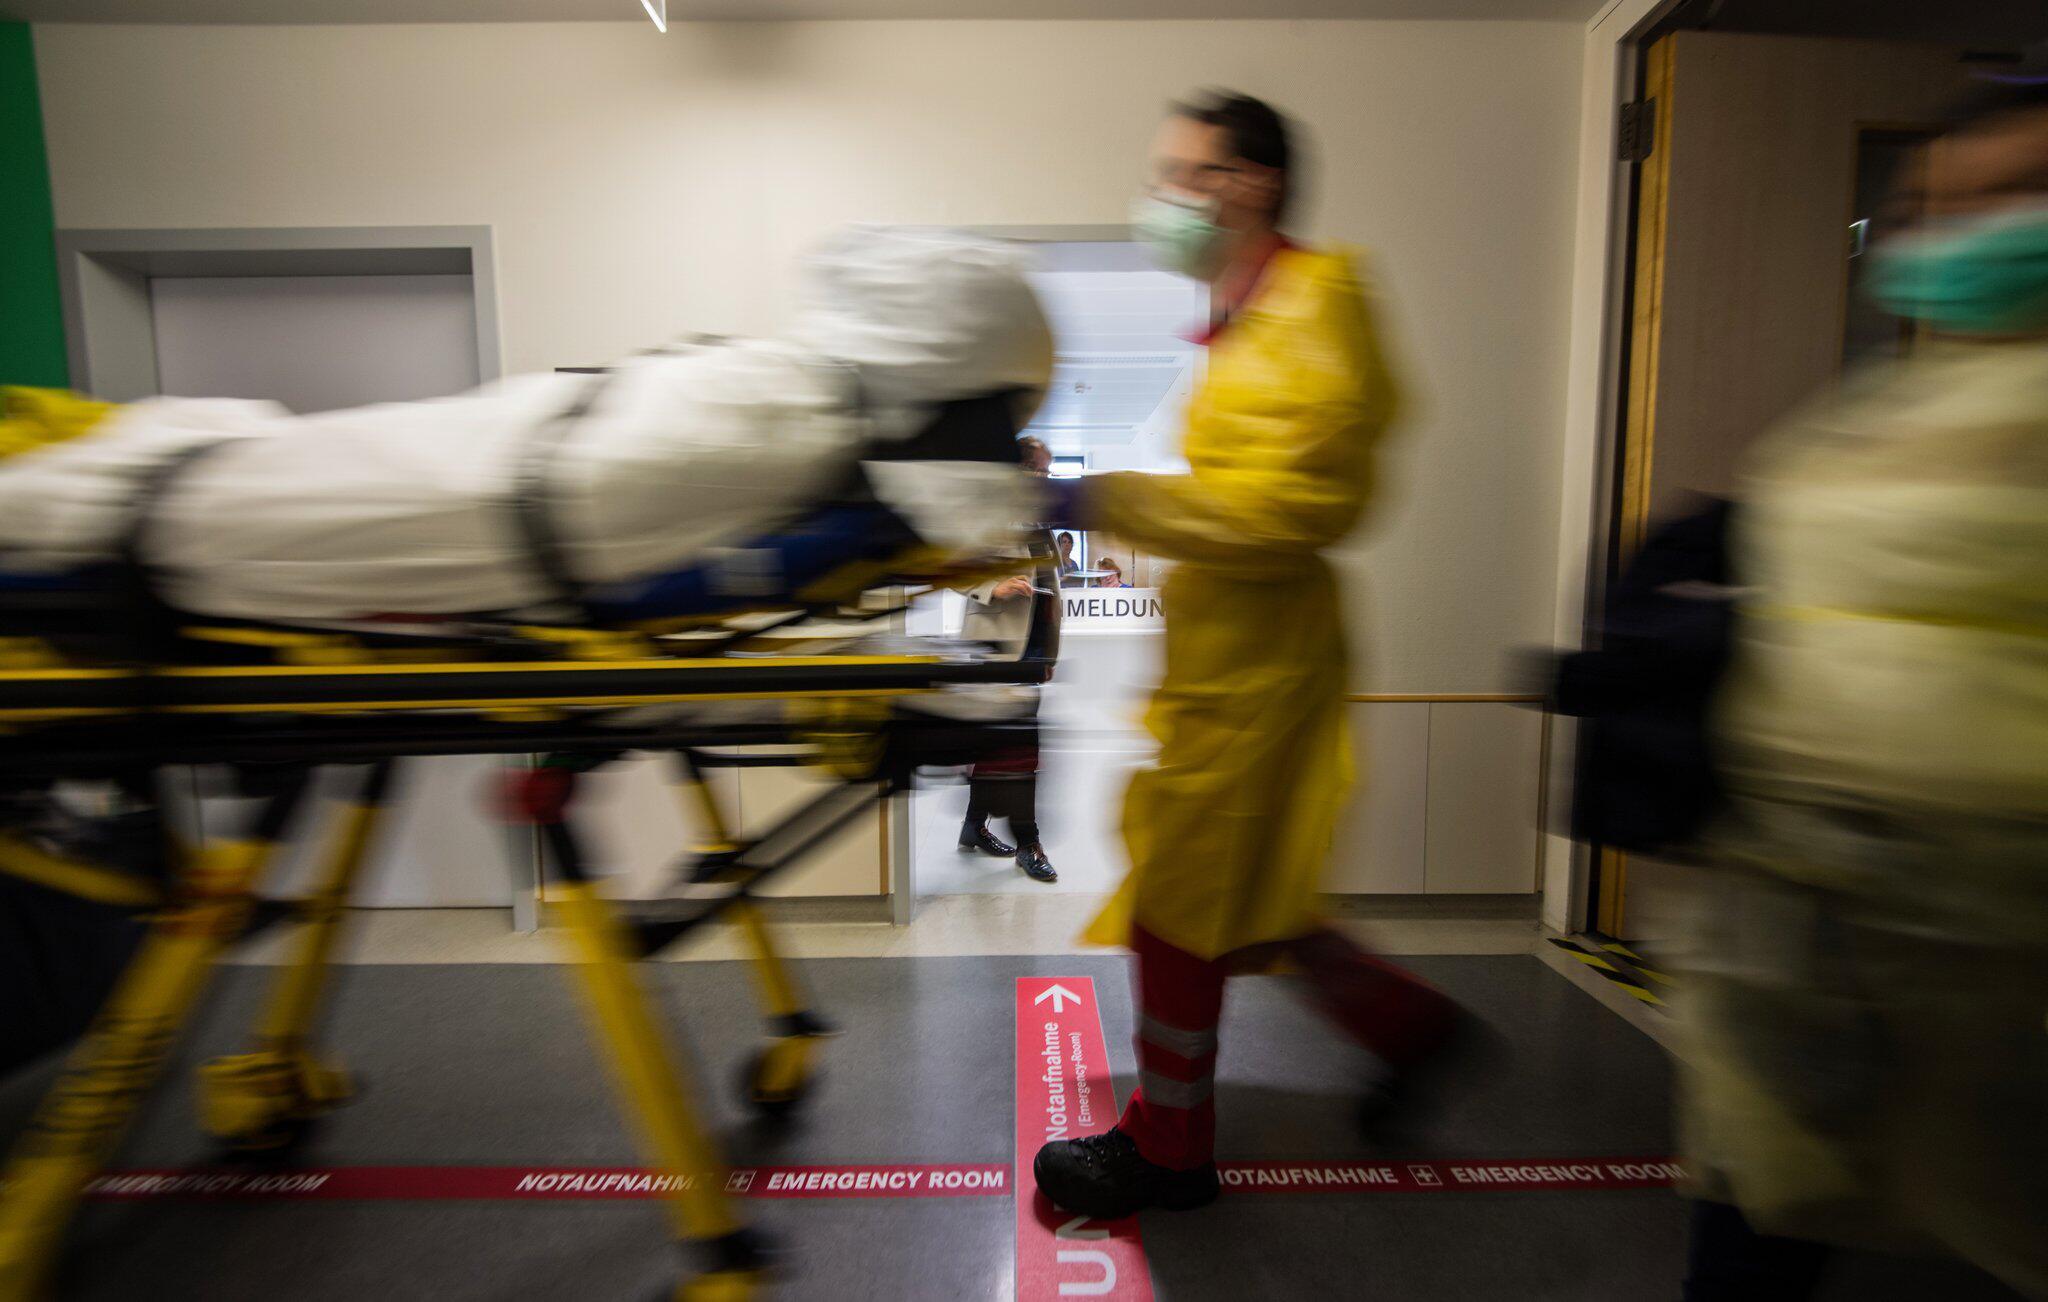 Bild zu Notaufnahme am Uniklinikum Mainz